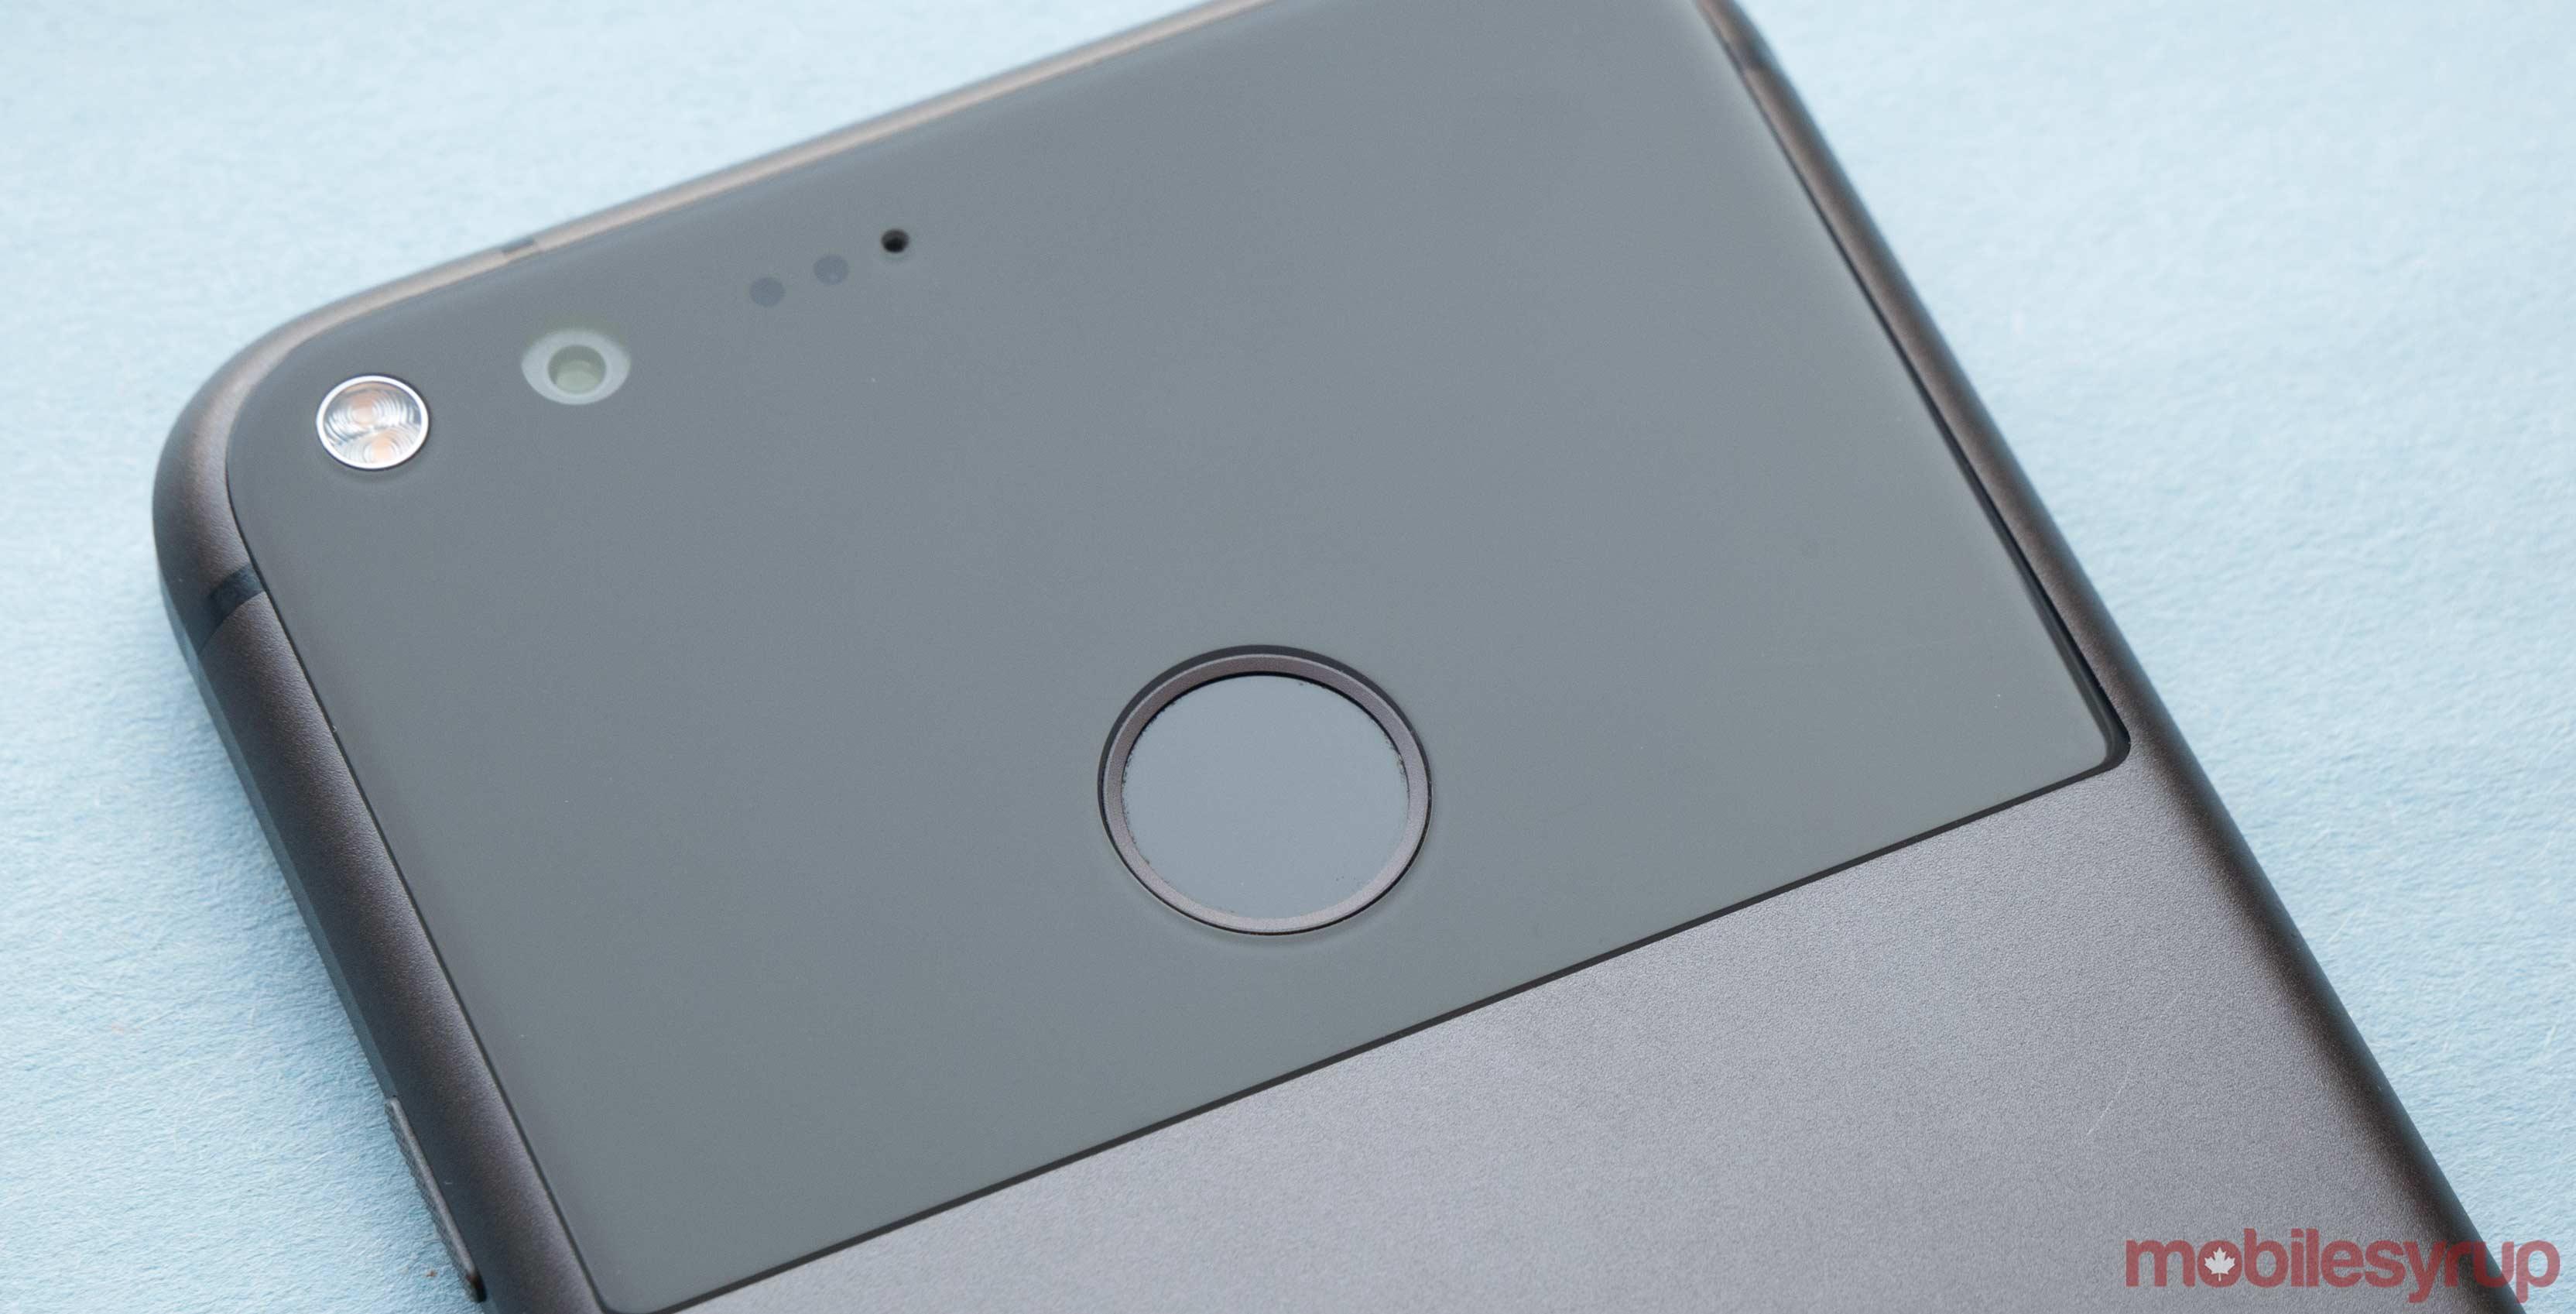 Pixel XL rear facing camera